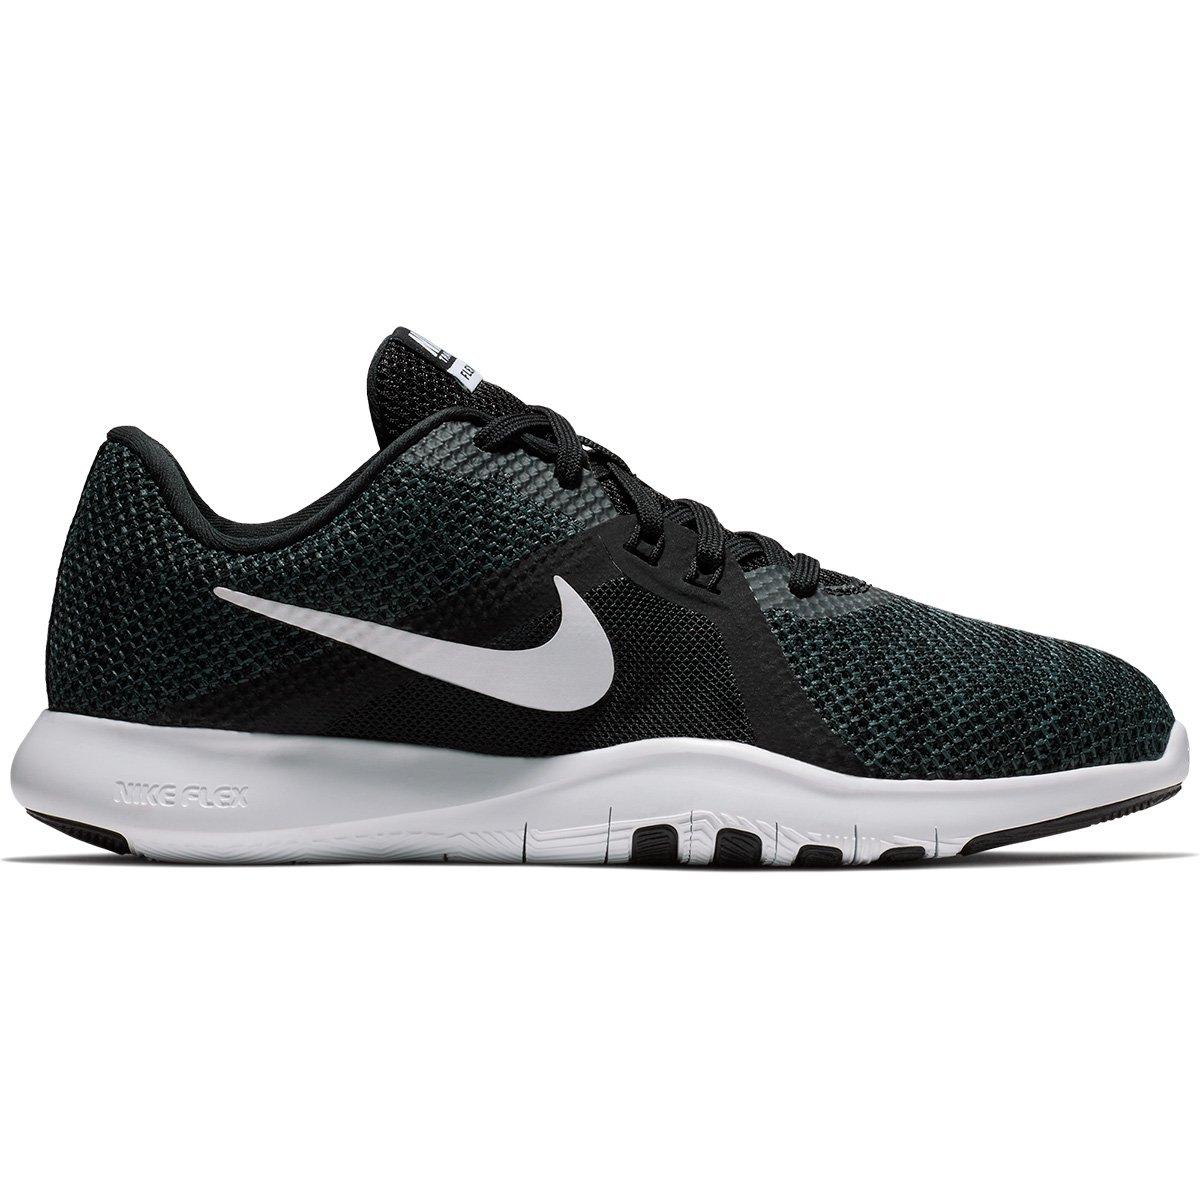 Tênis Nike Flex Trainer 8 Feminino - Preto e Branco - Compre Agora ... a5b1839c96